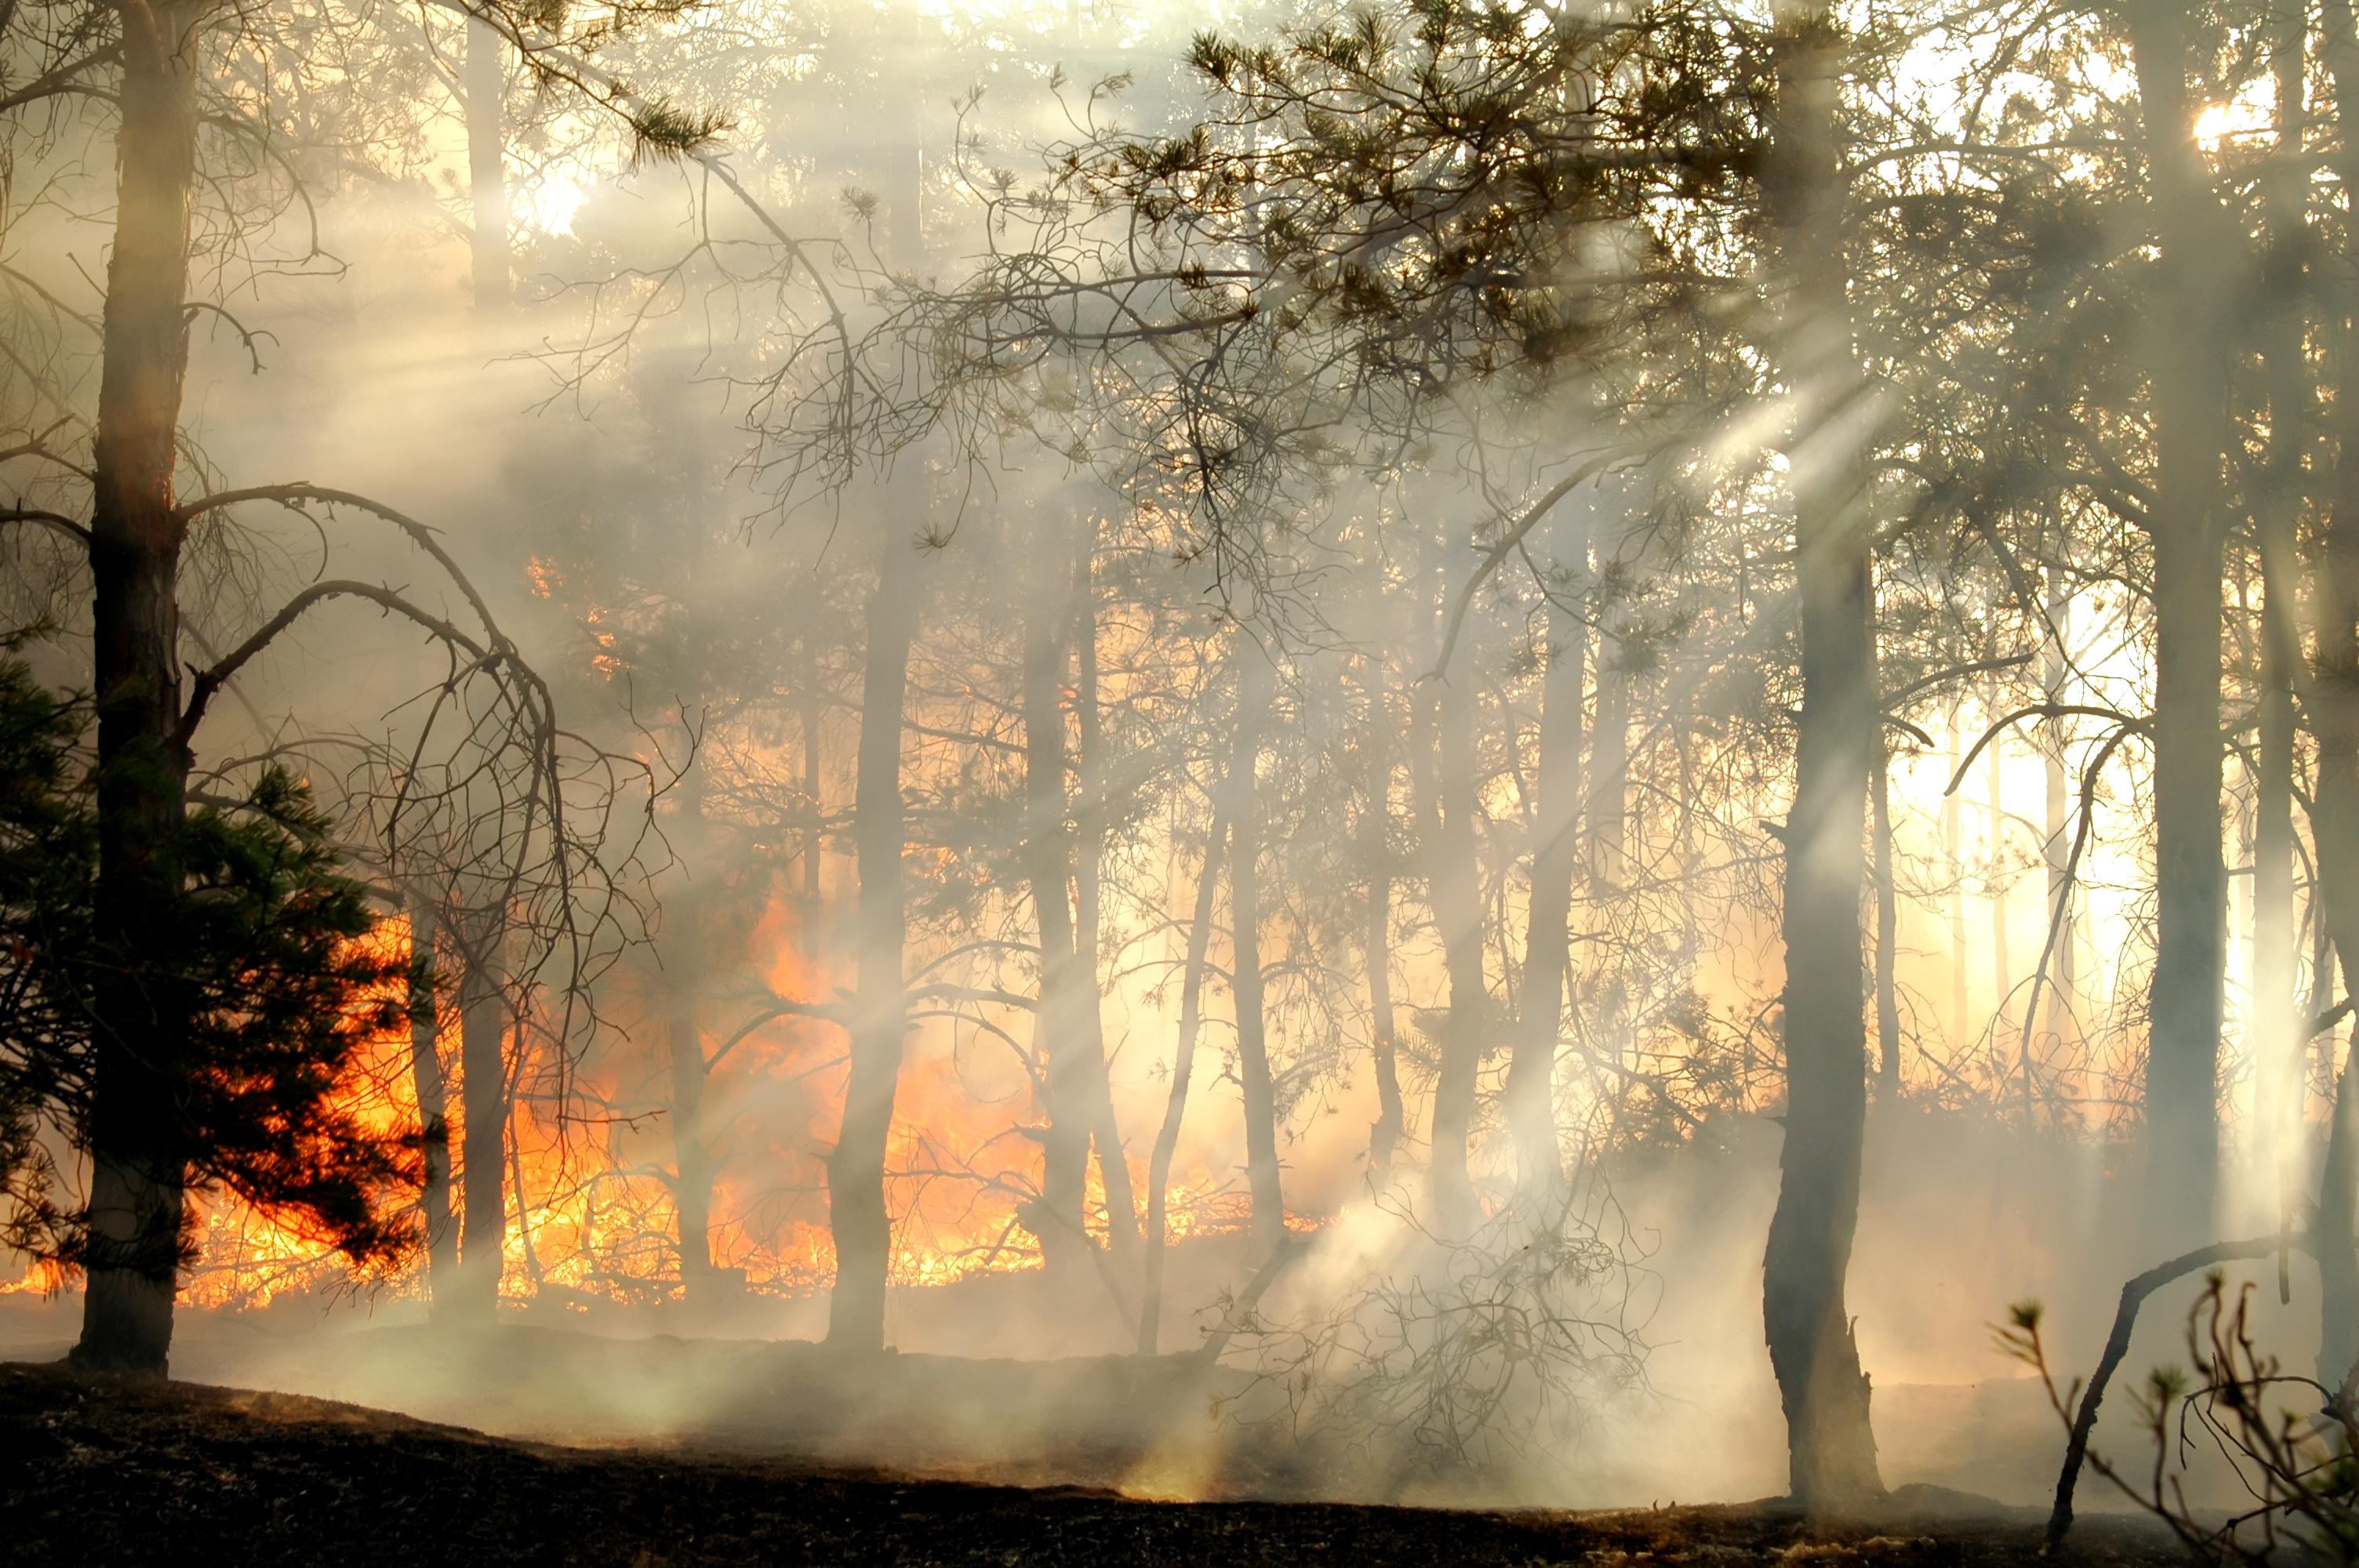 В Бразилии приостанавливают тушение лесных пожаров